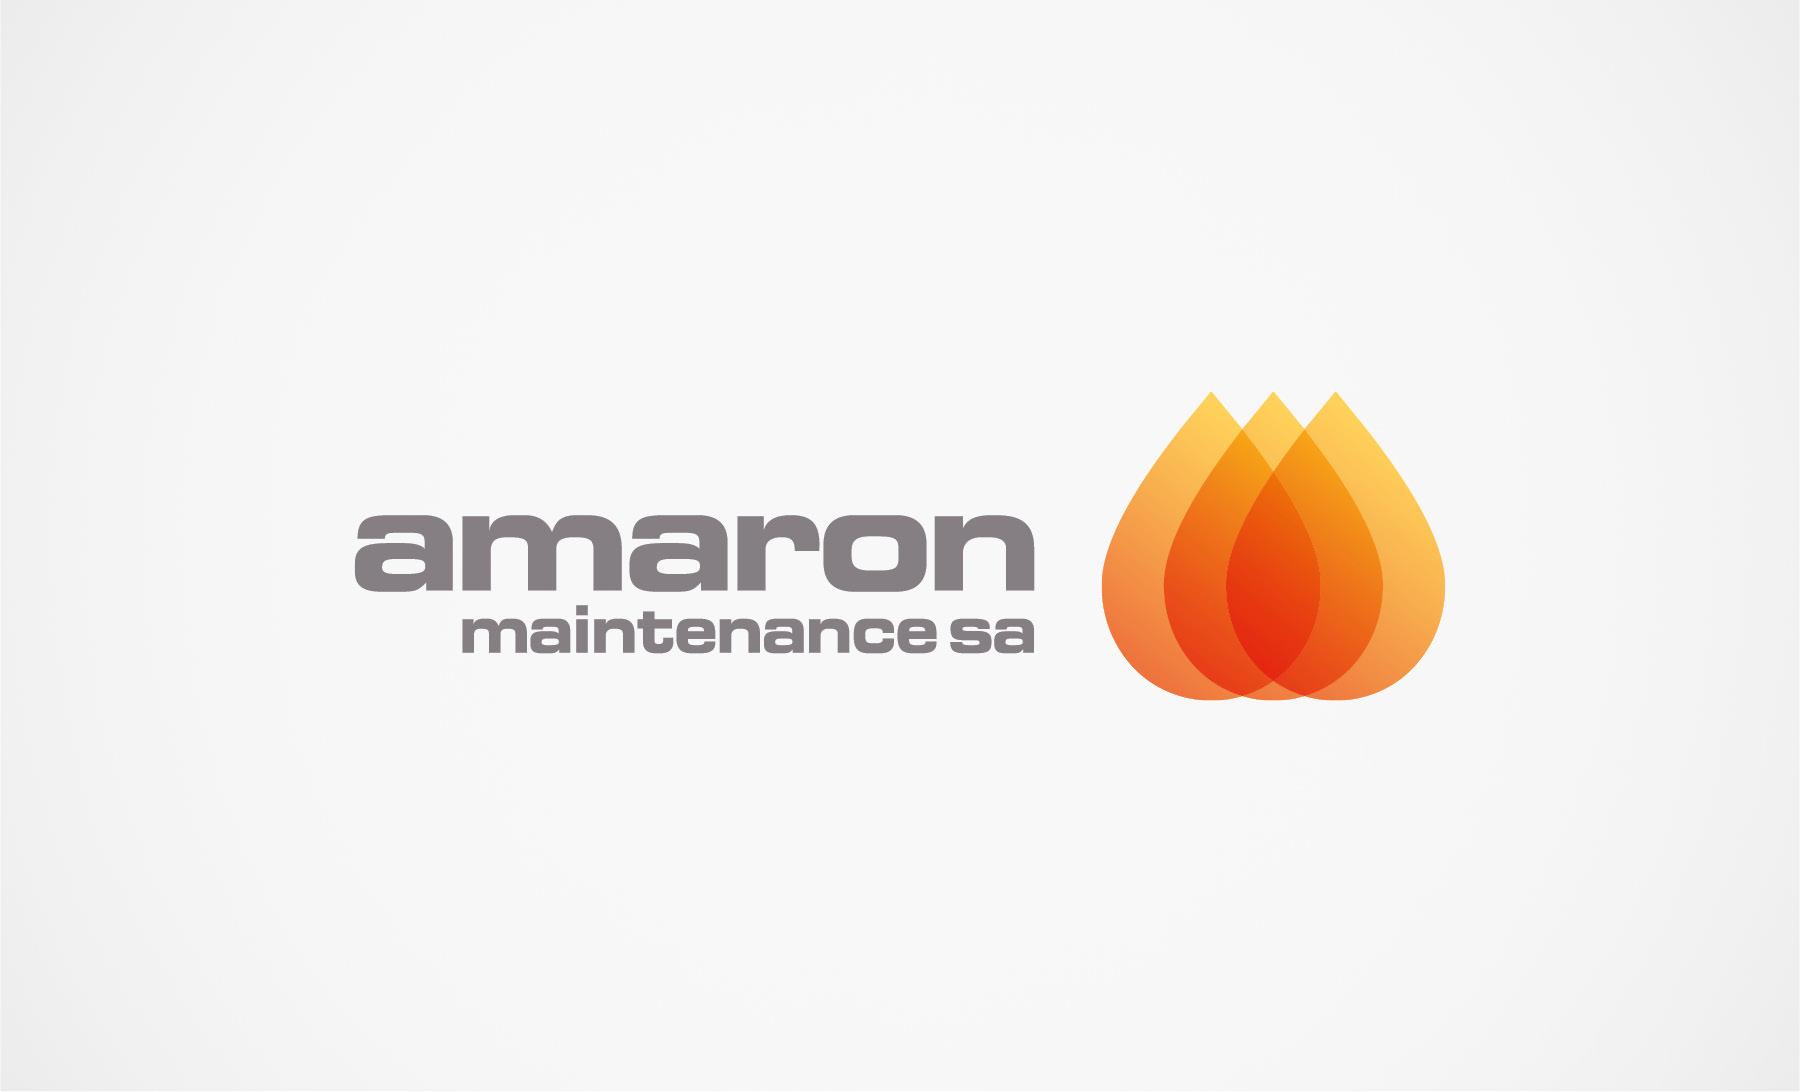 amaron1